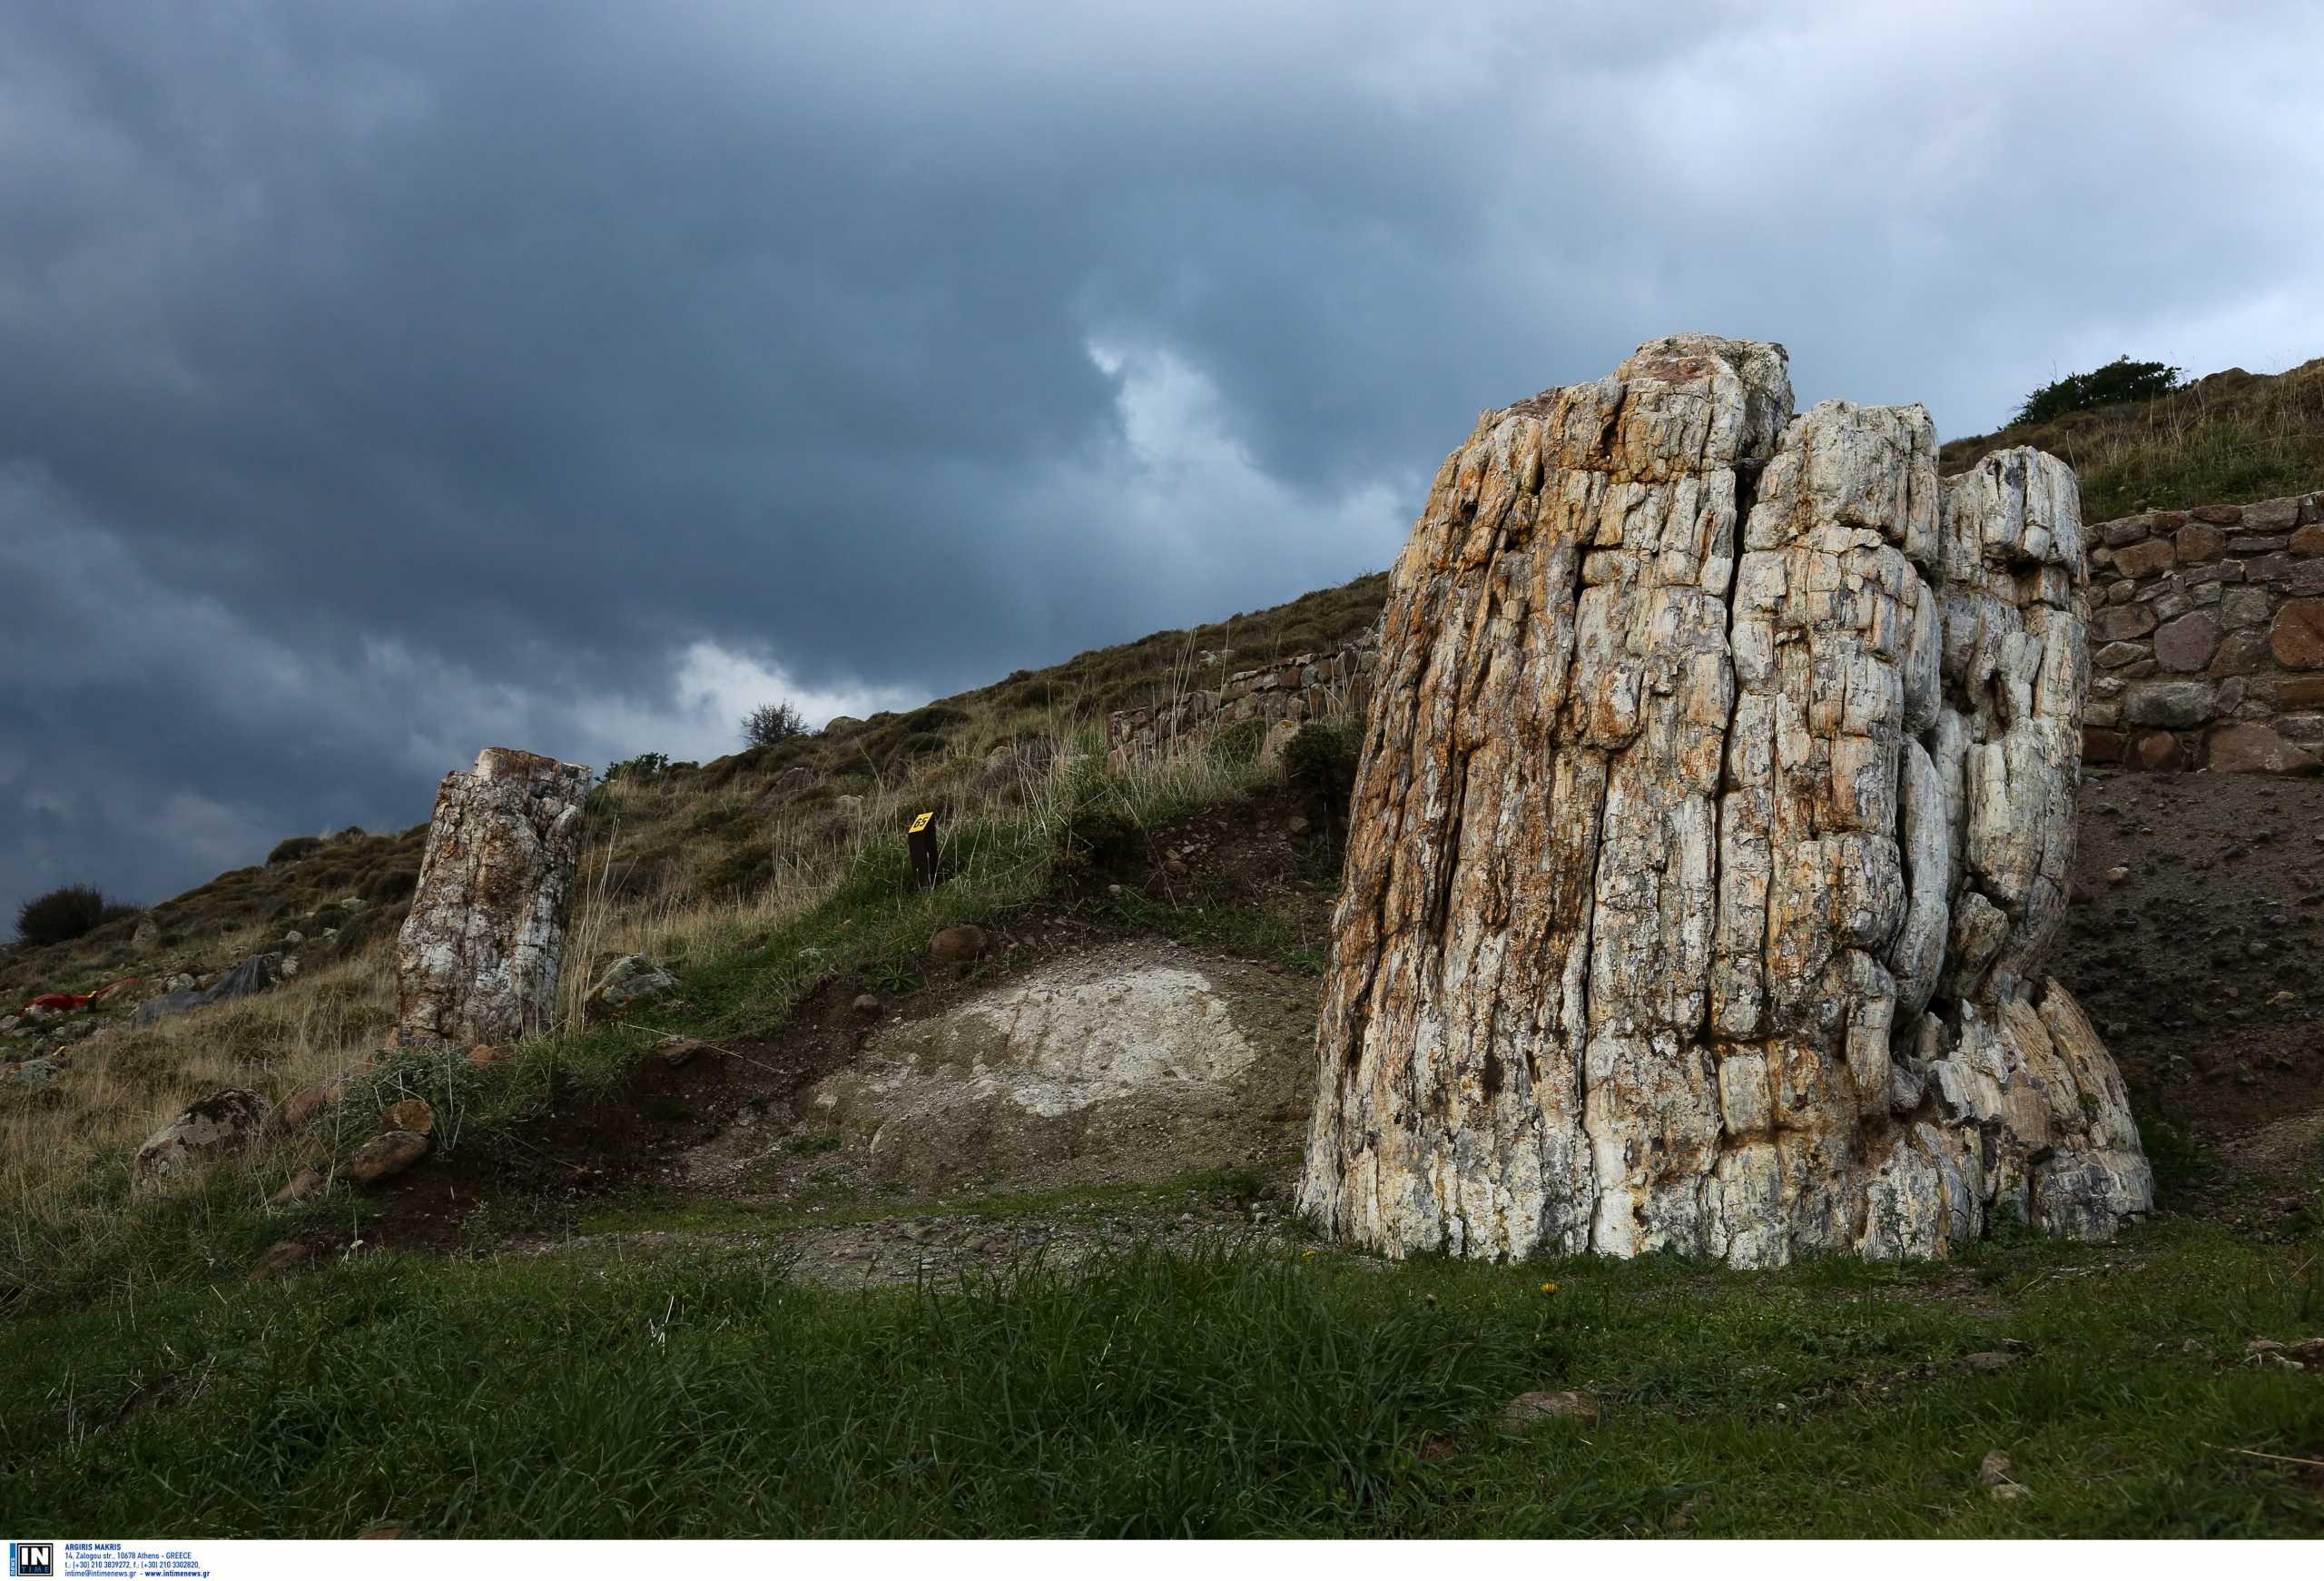 Λέσβος: Εικονική περιήγηση στο απολιθωμένο δάσος – Τα μοναδικής επιστημονικής αξίας ευρήματα